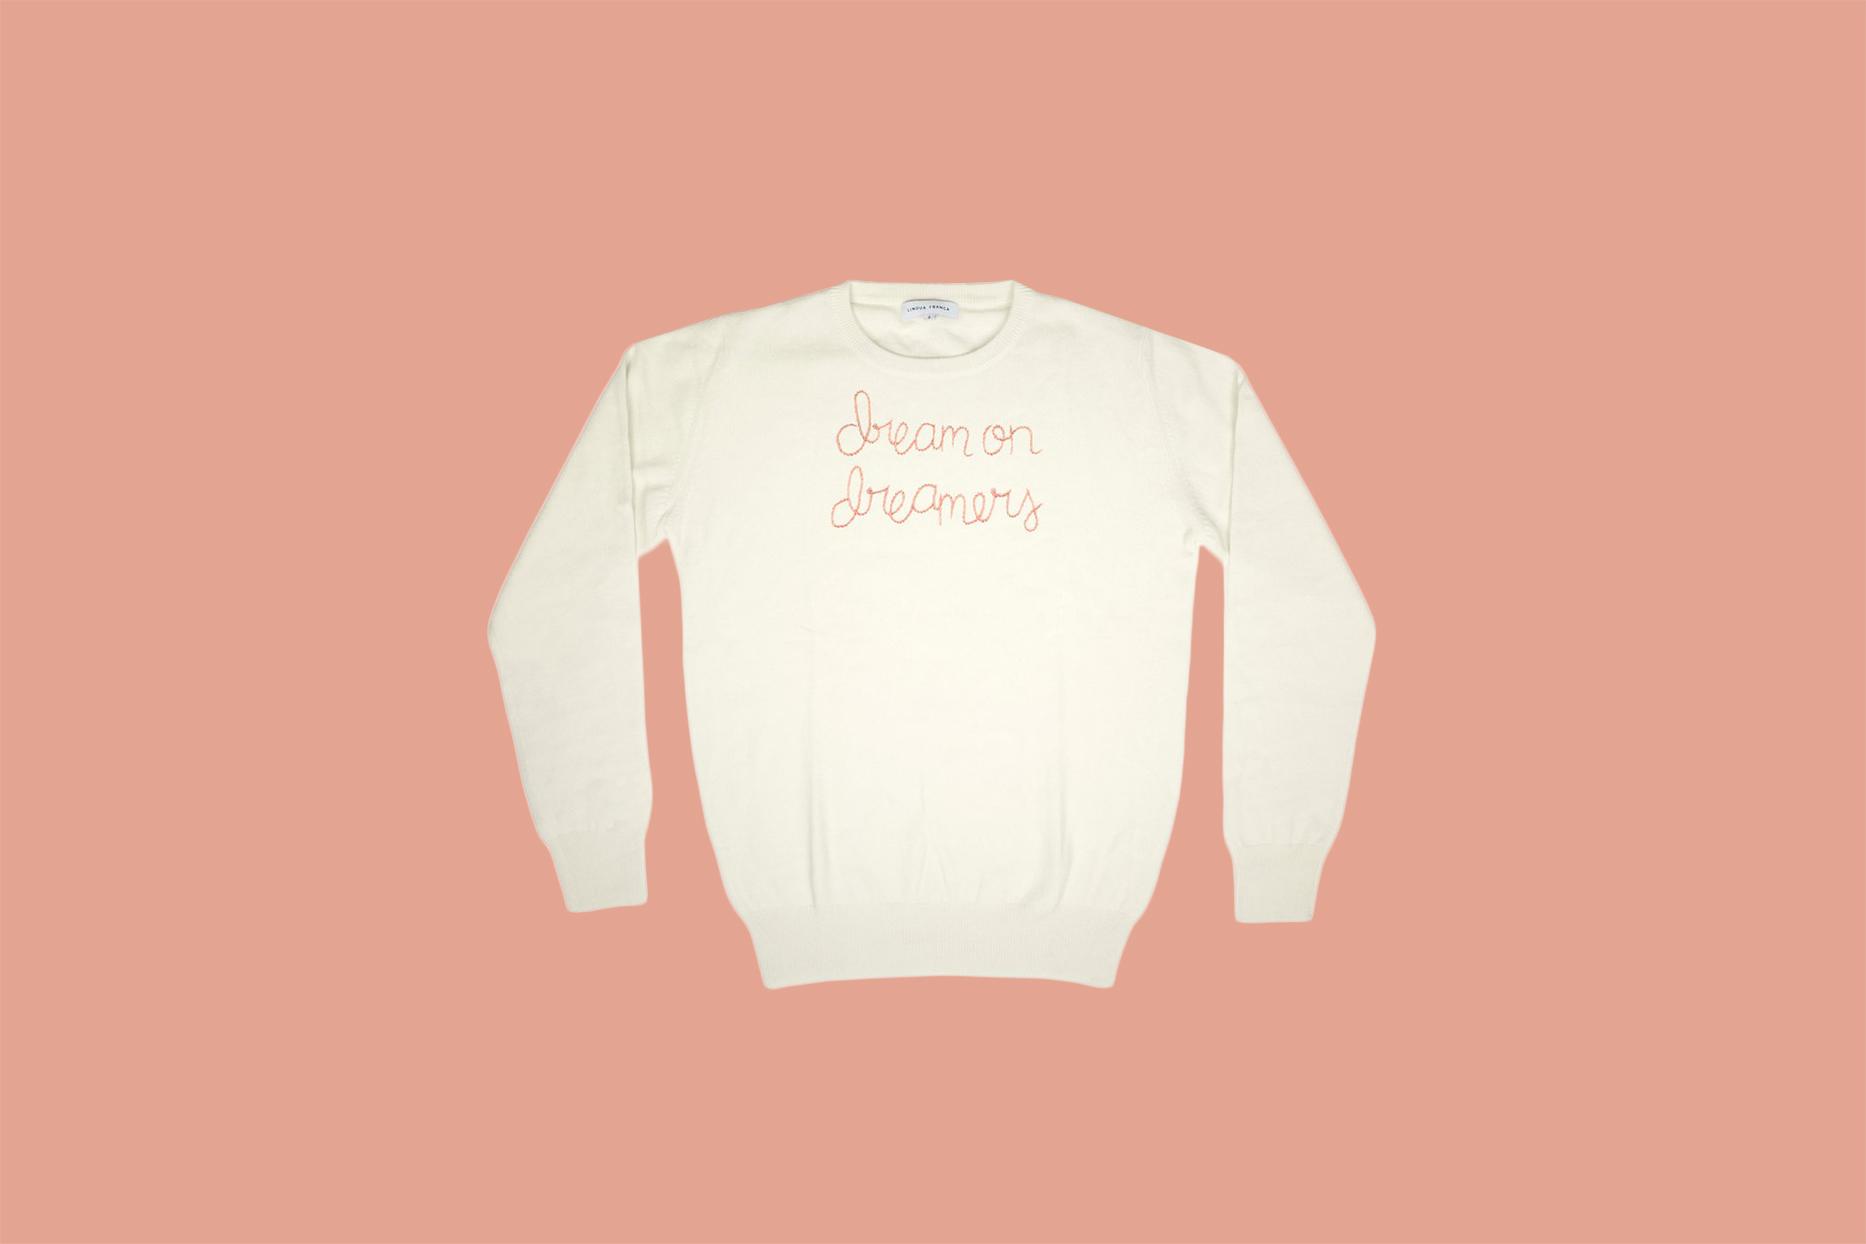 dreams on dream cream colored sweater